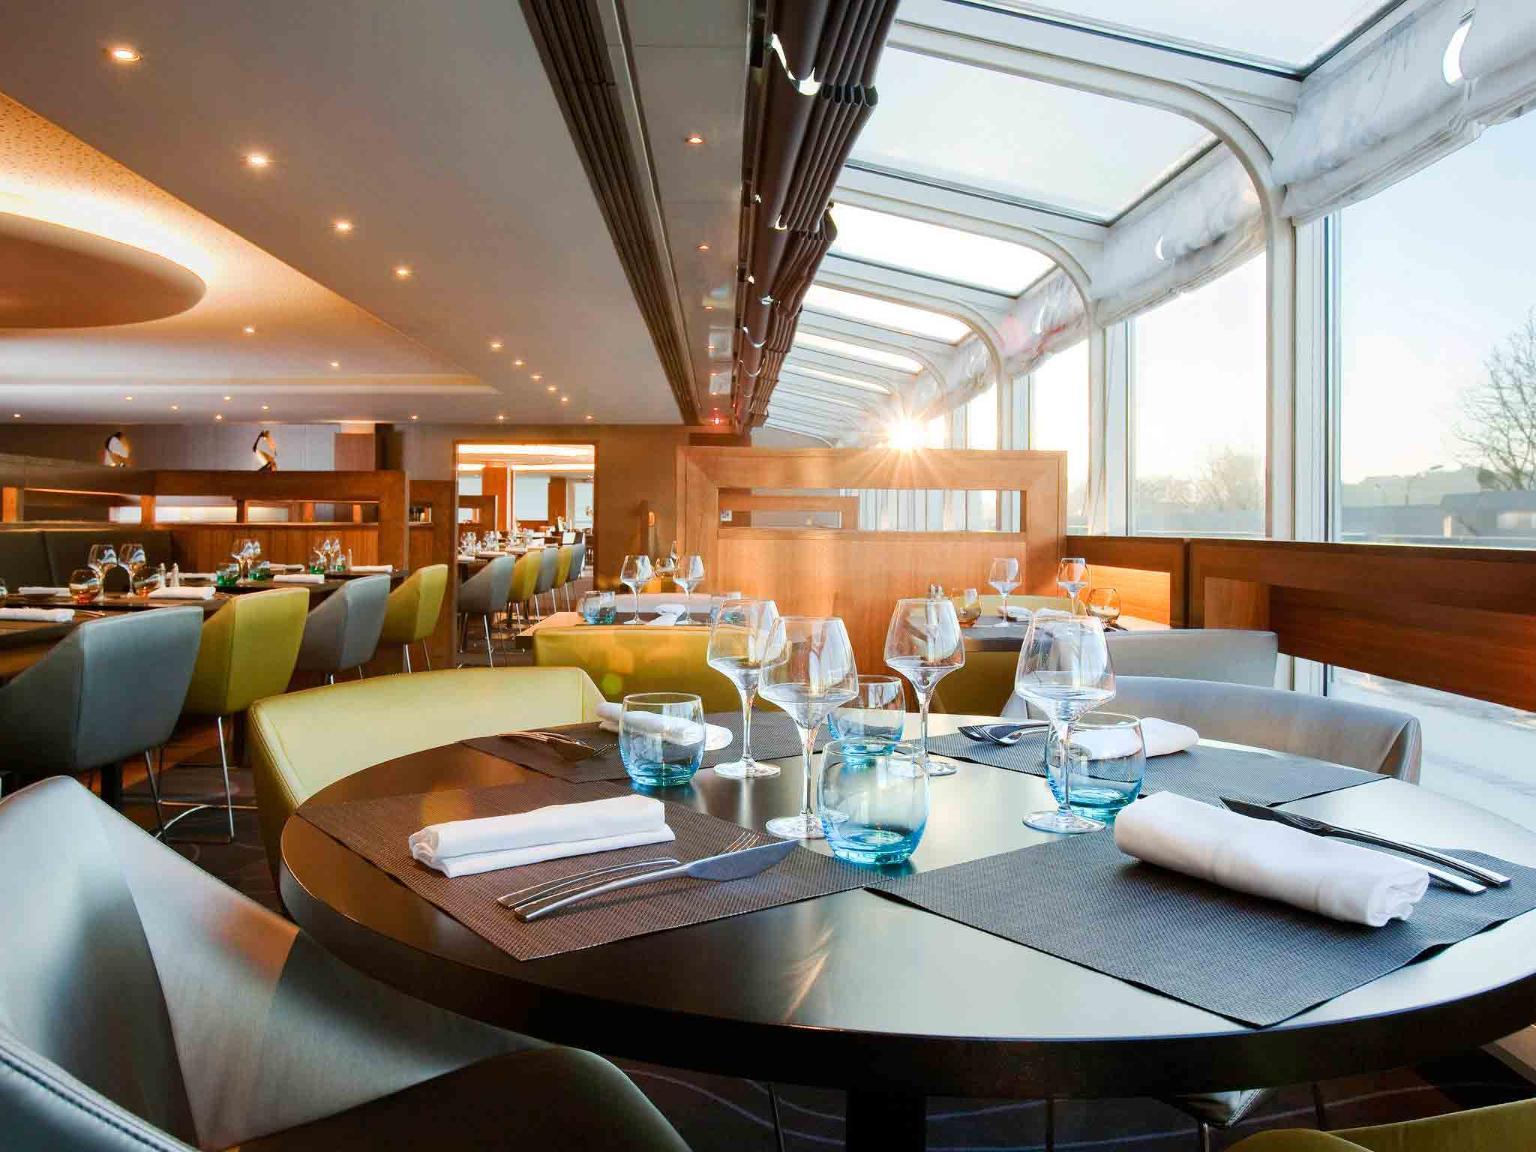 Novotel paris centre tour eiffel h tel 61 quai de - Hotel novotel tour eiffel piscine ...